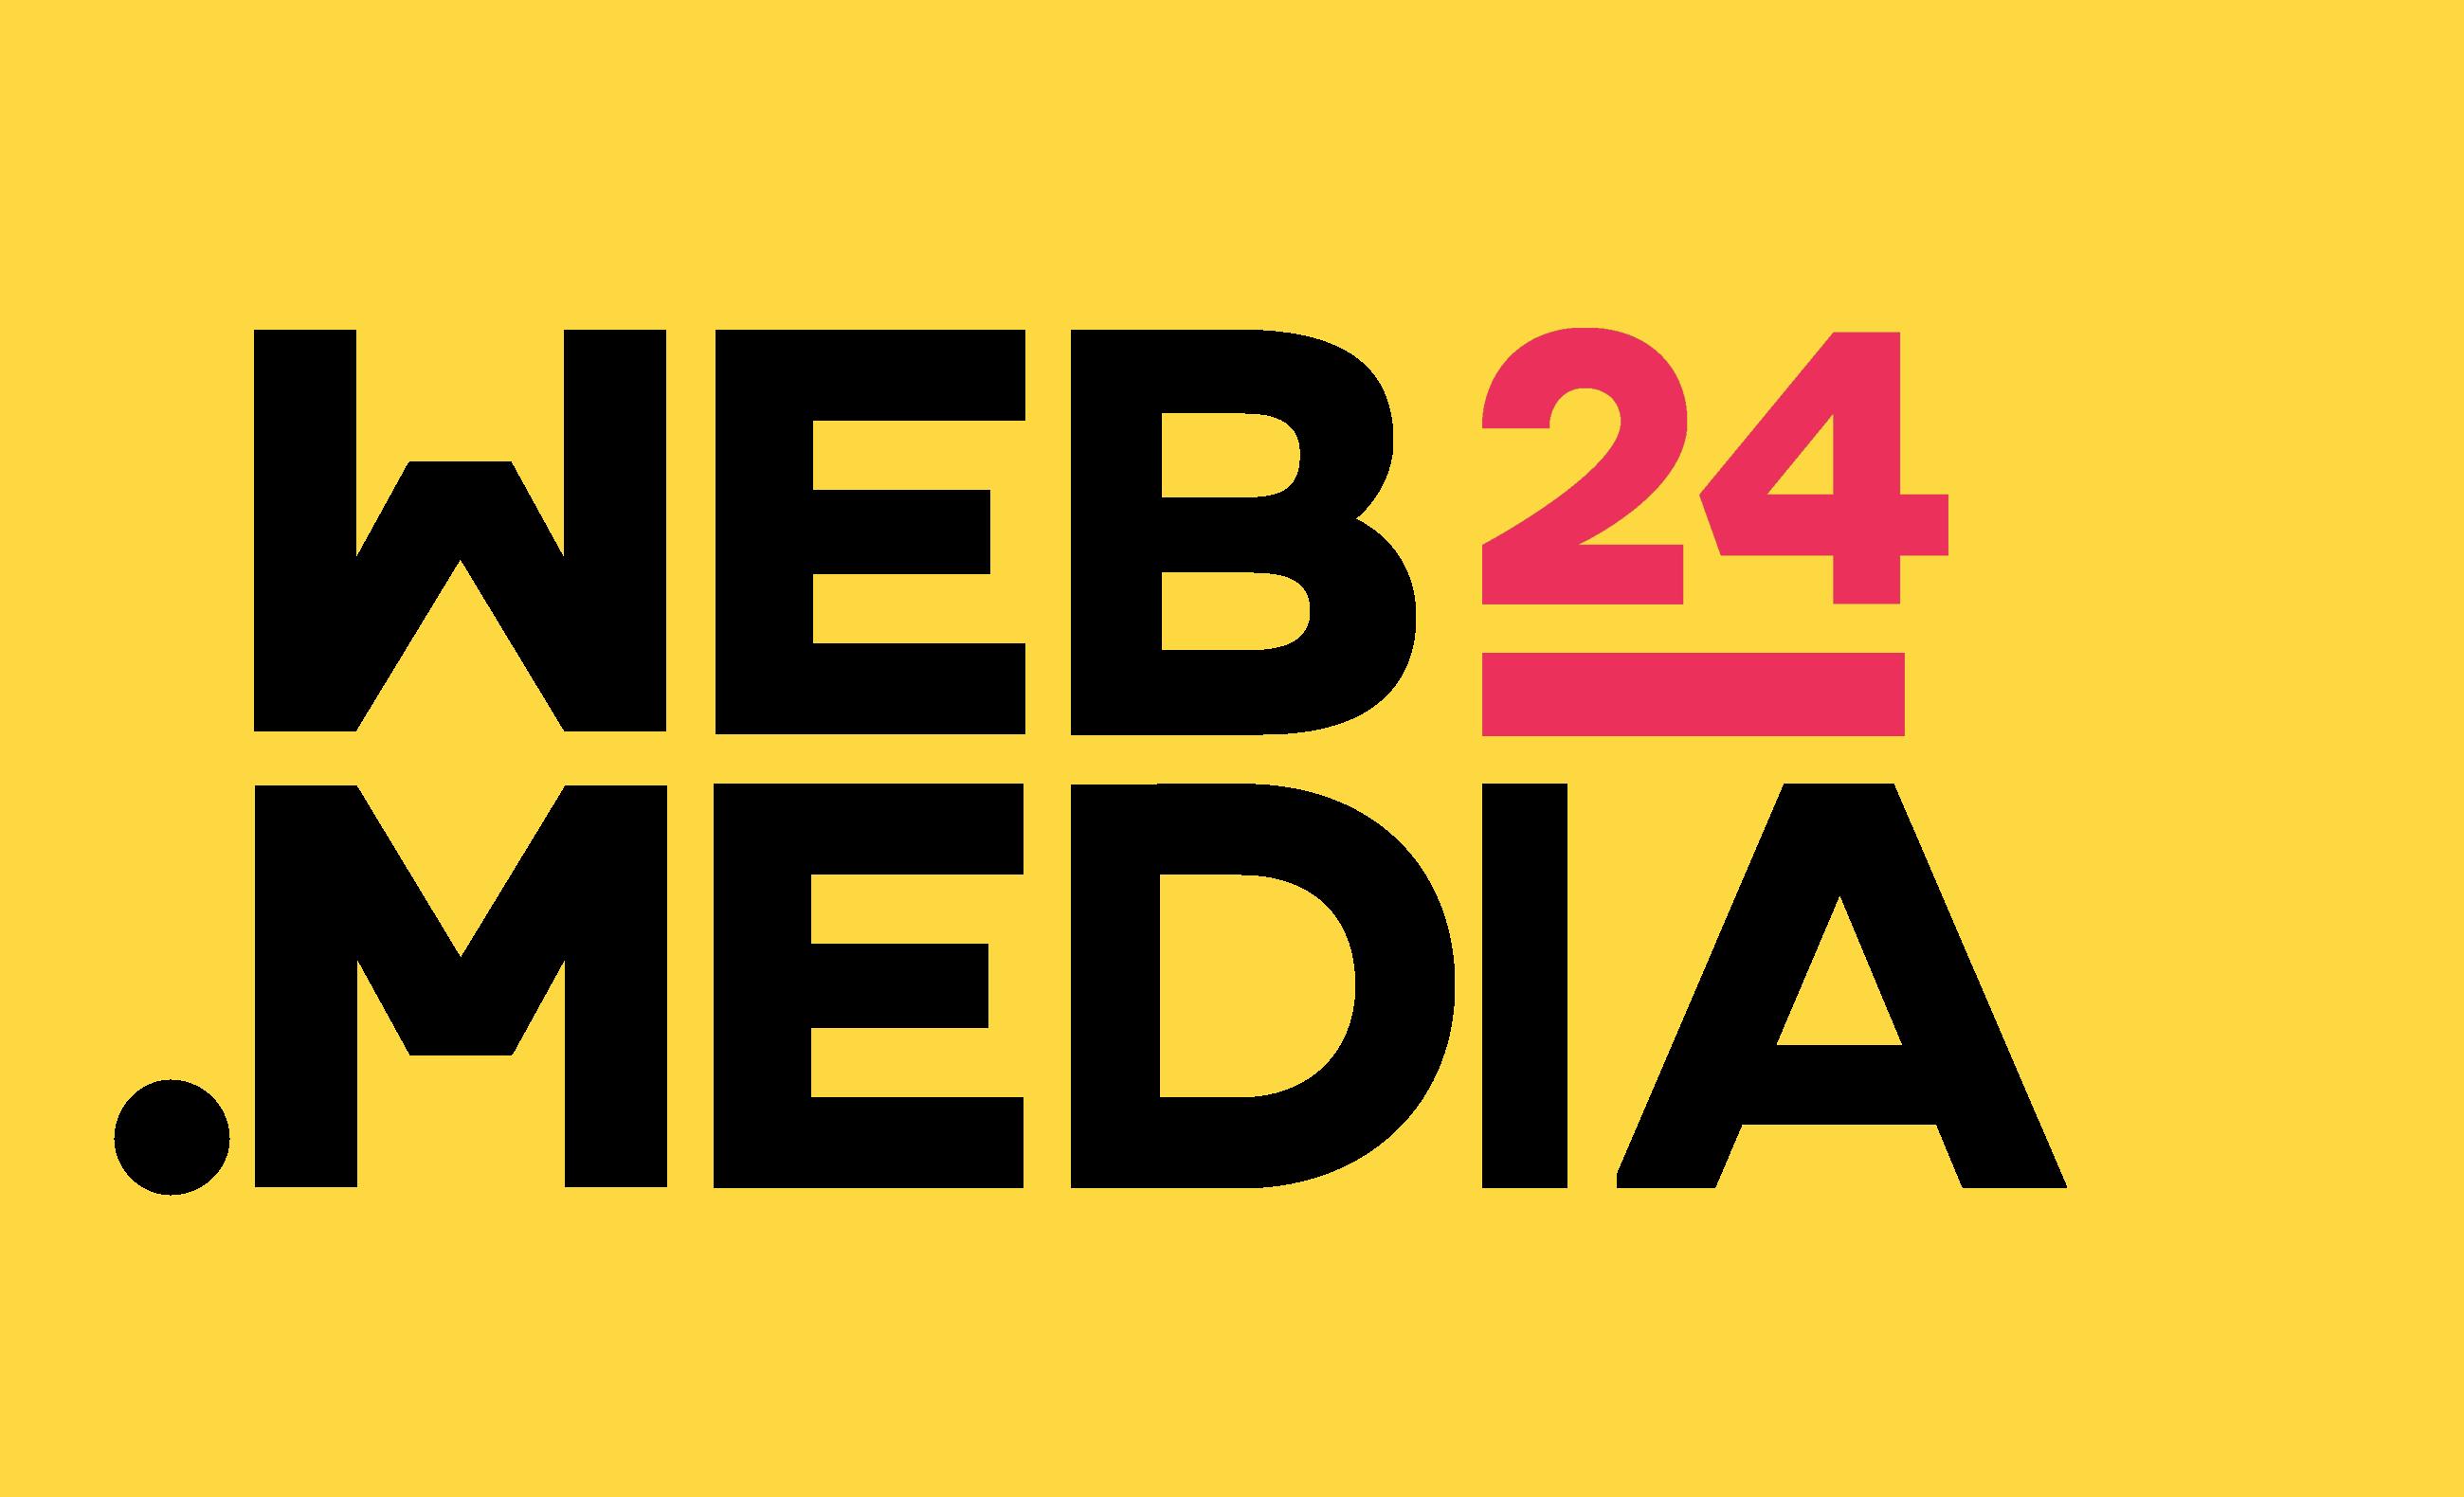 web24 media